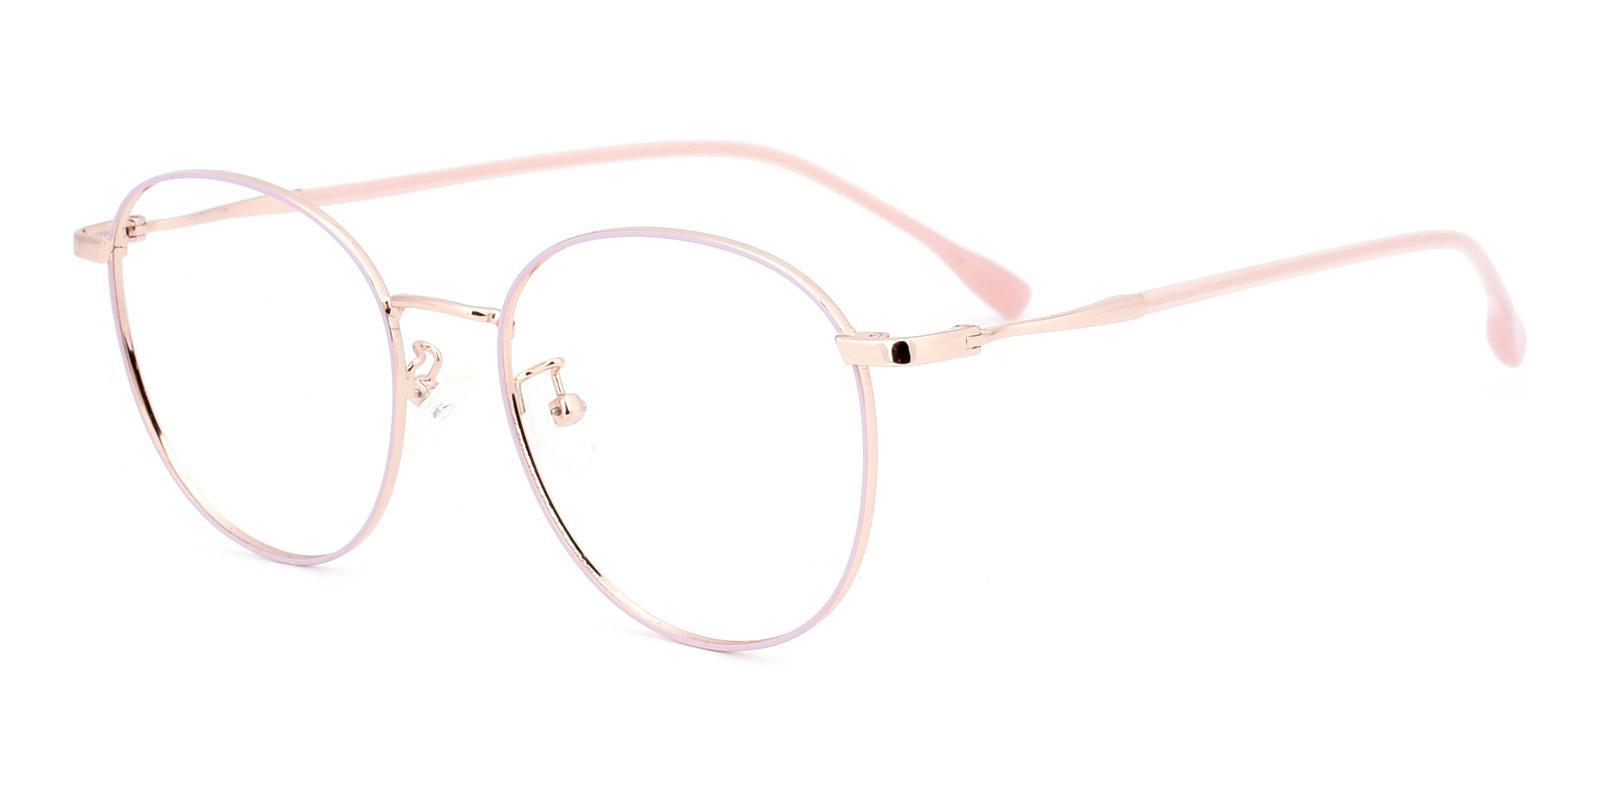 Meta-Pink-Round-Metal-Eyeglasses-detail